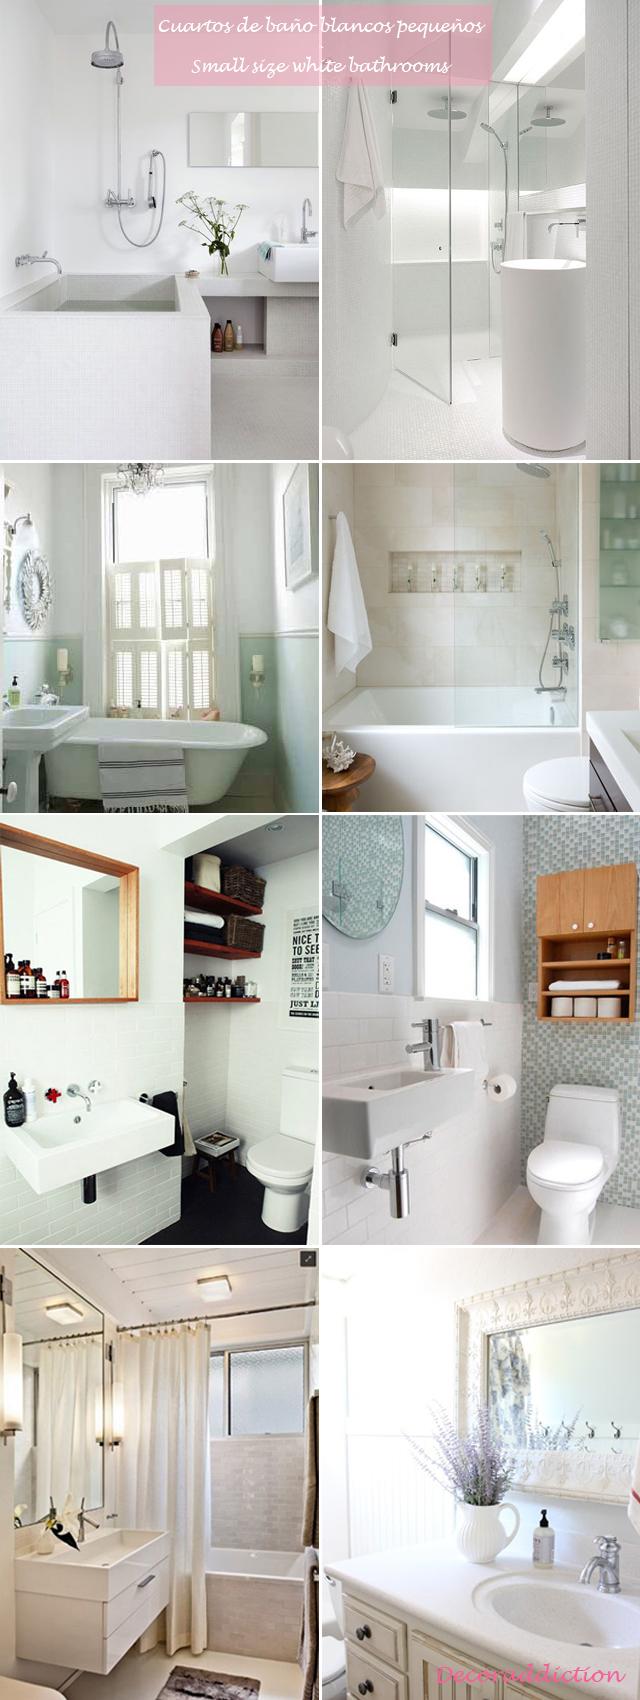 Me encantan los cuartos de baño blancos - I love white bathrooms_pequeños